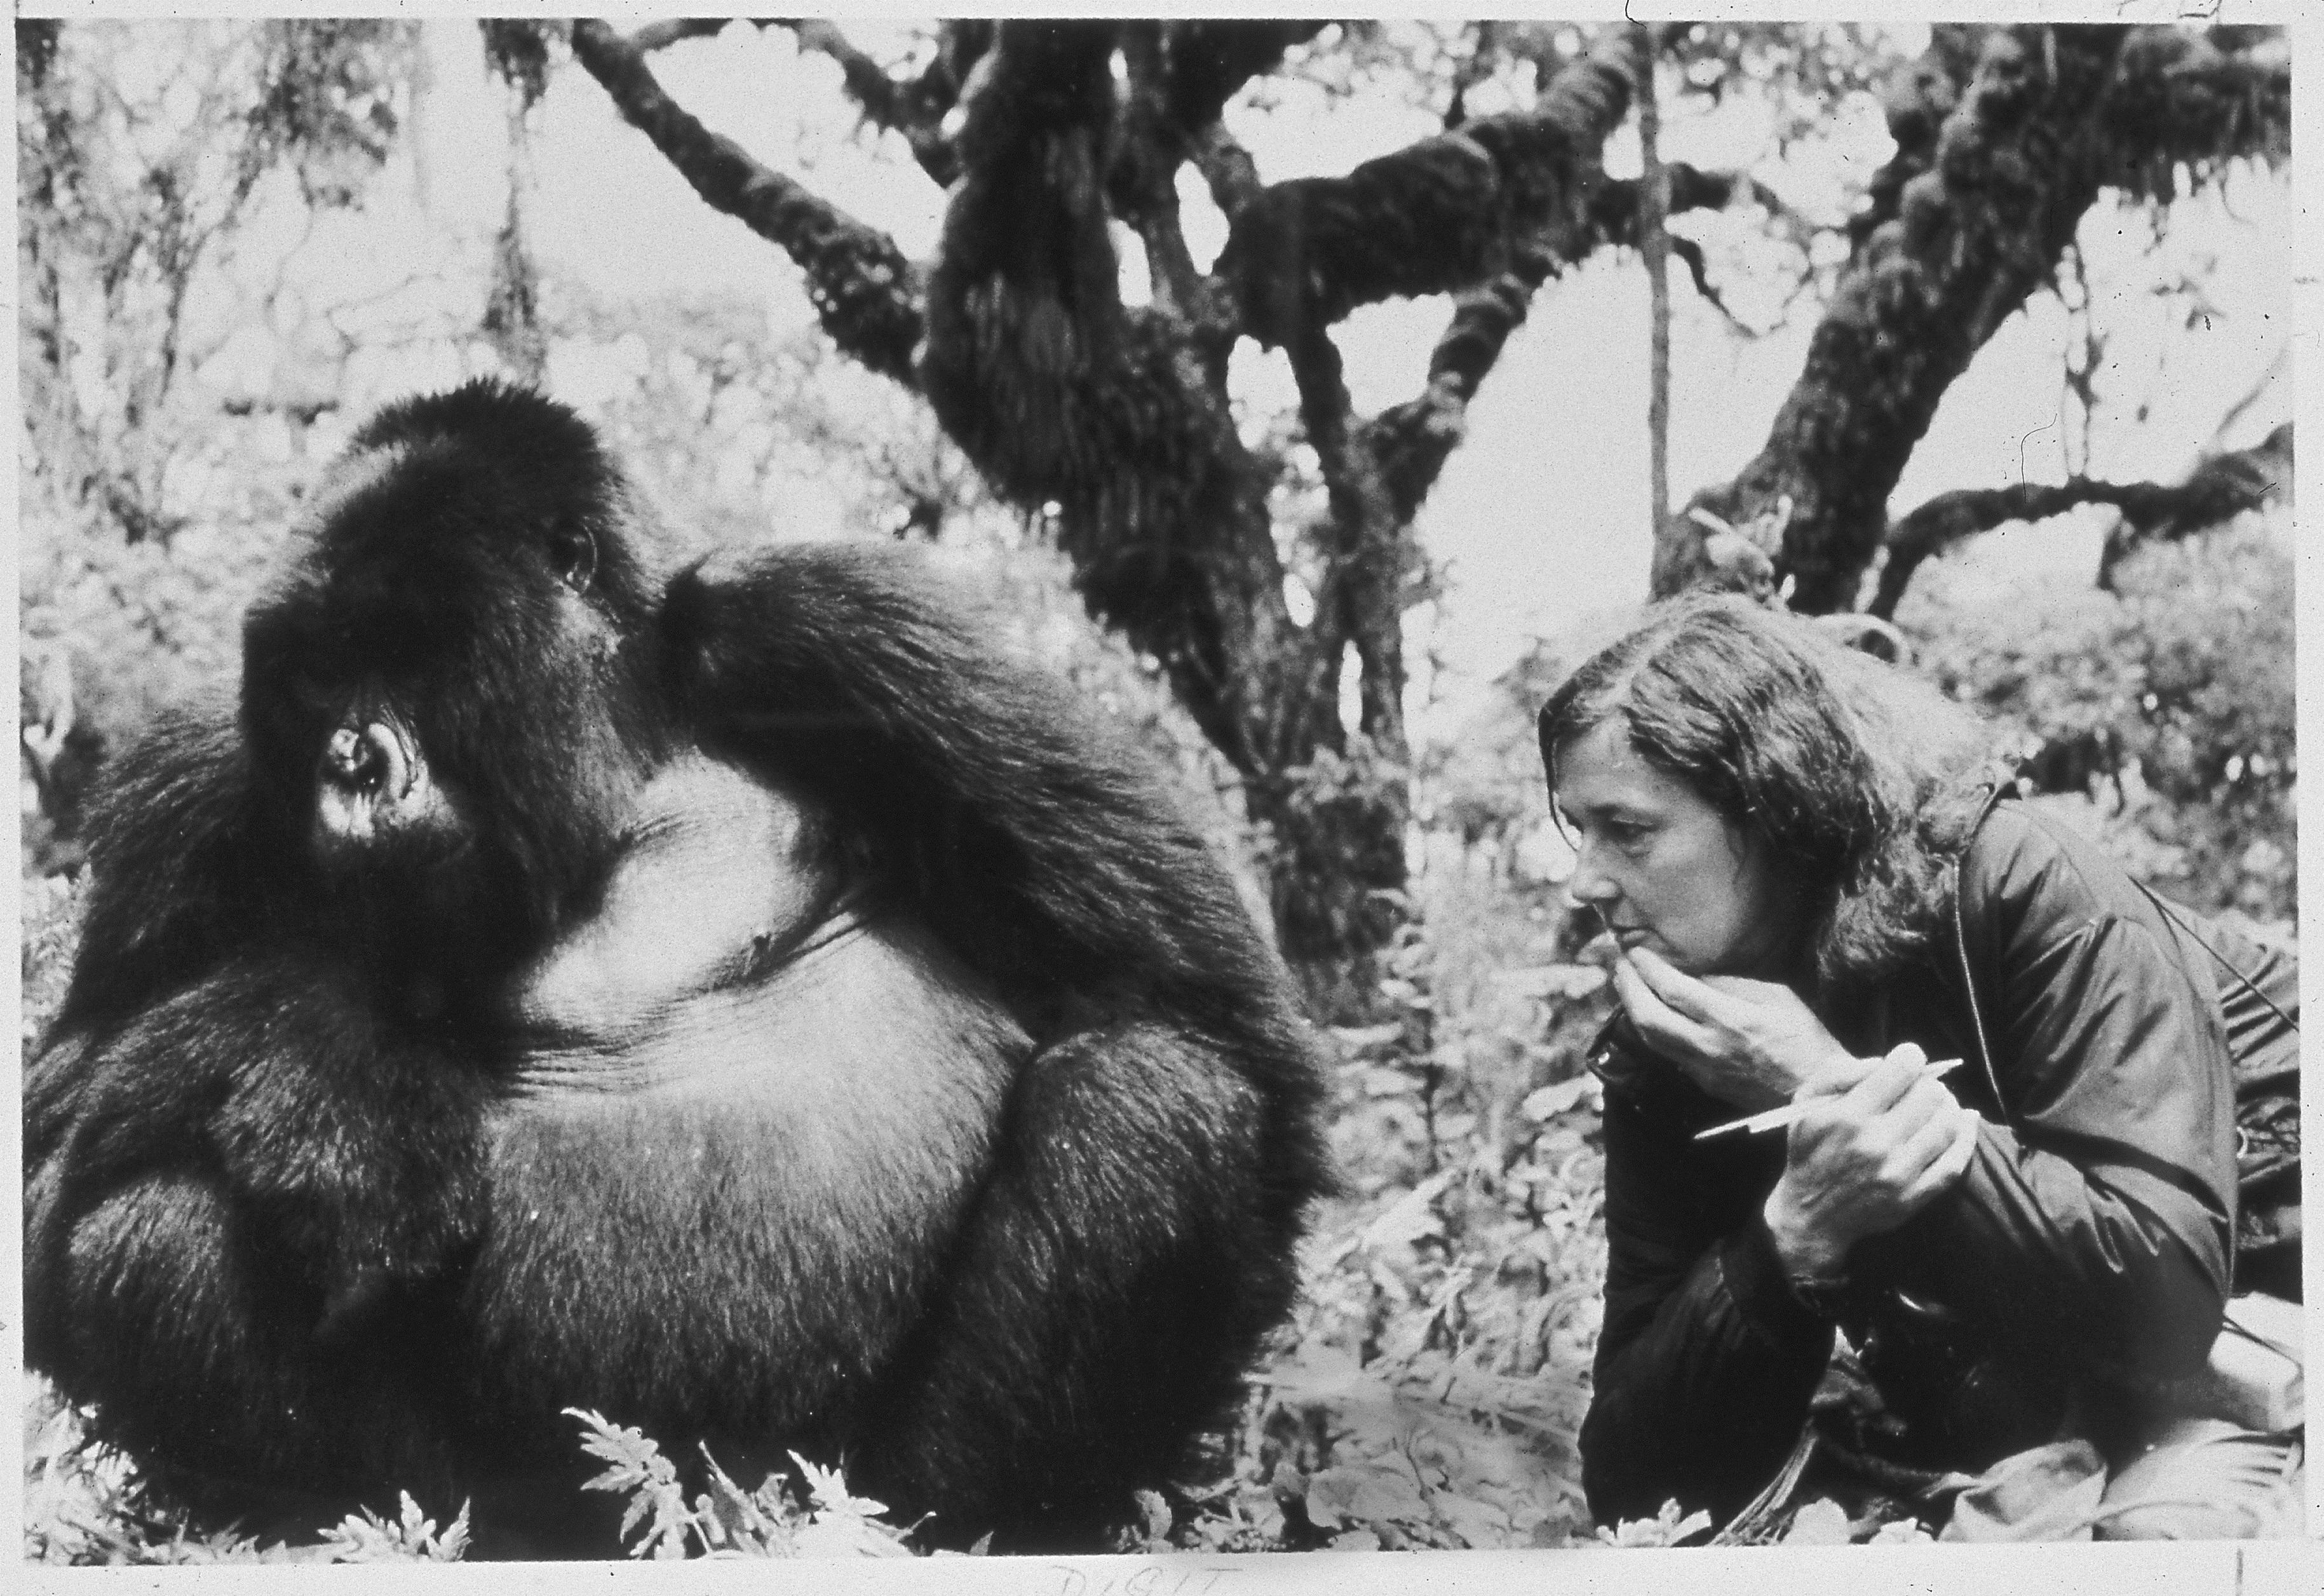 Digit The Gorilla